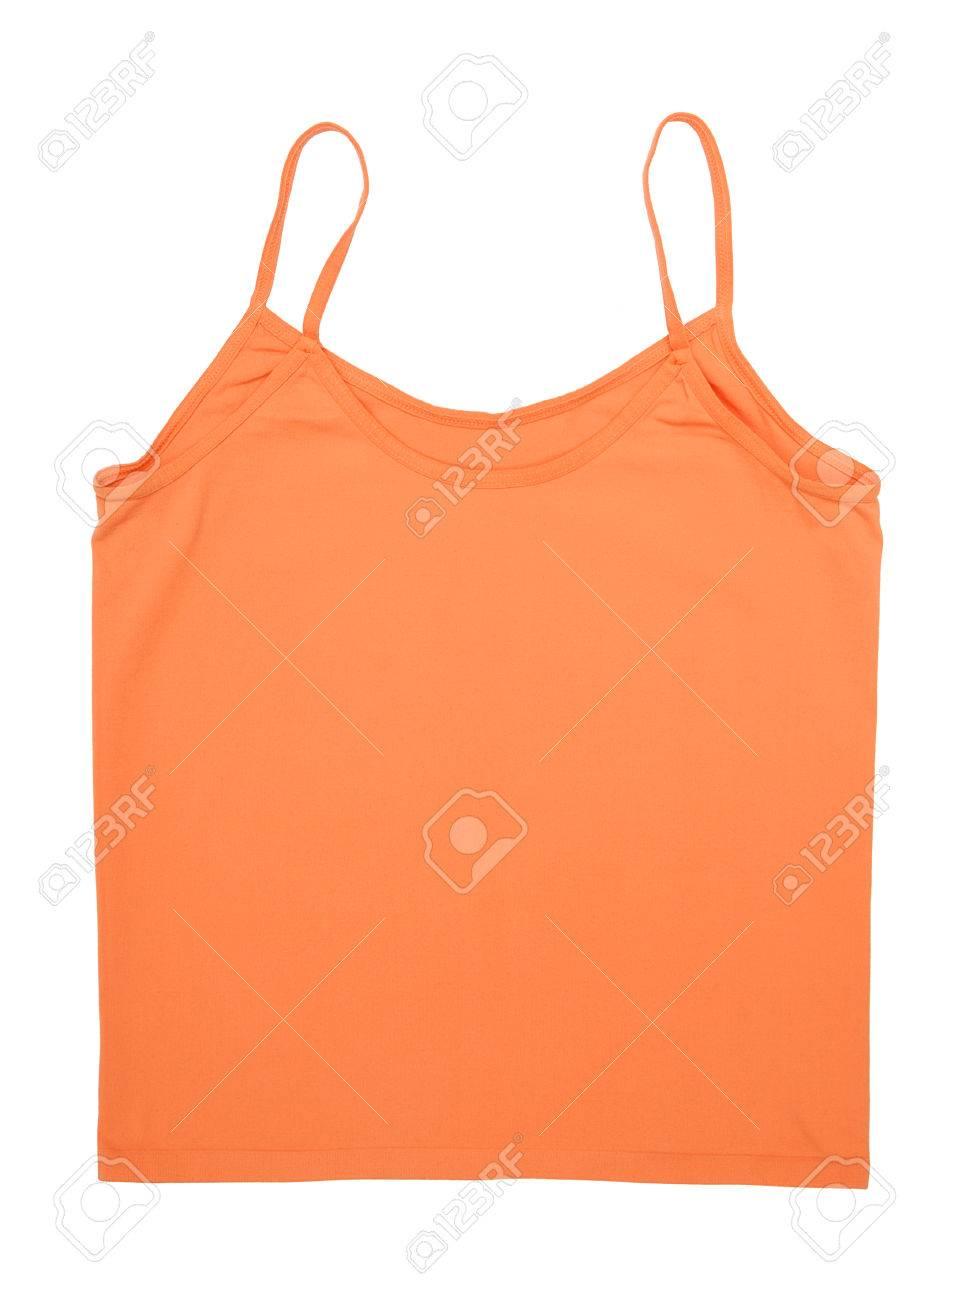 Un débardeur orange est sur fond blanc